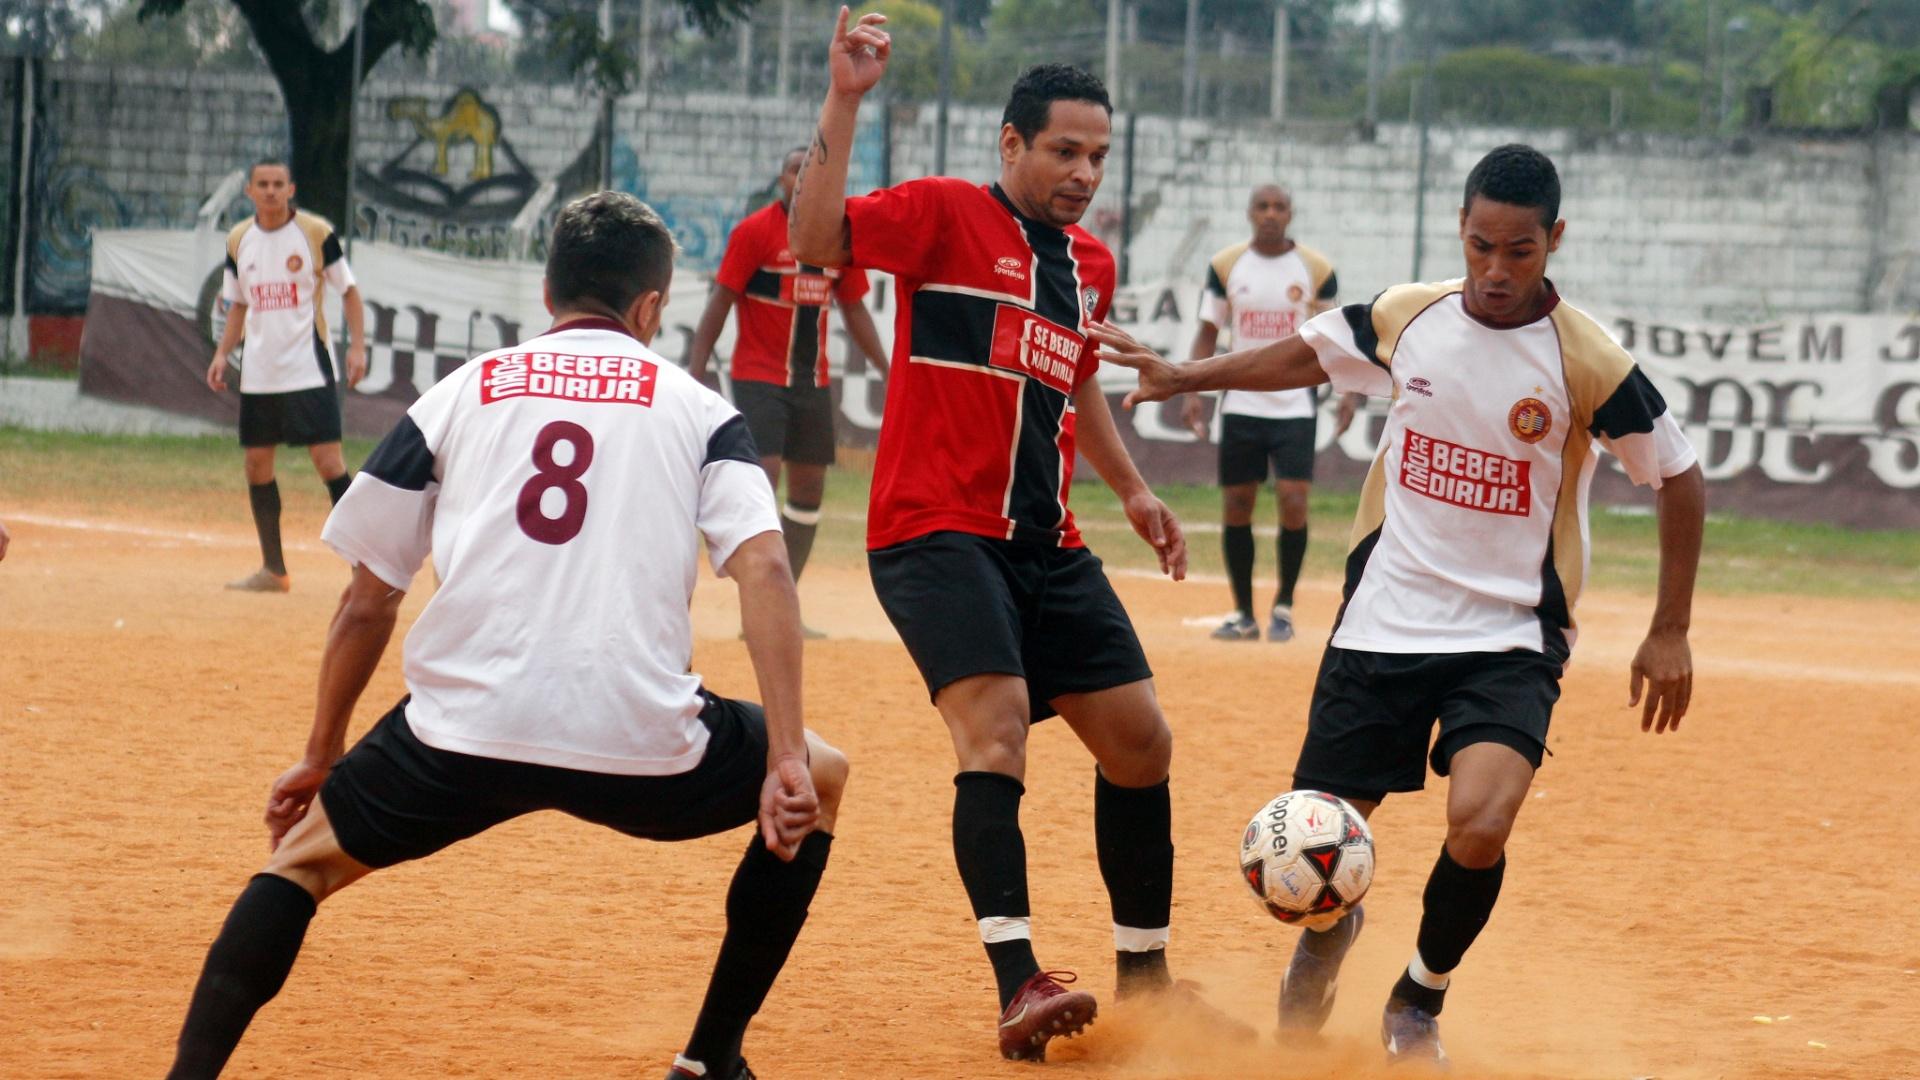 Juventus (branco) e Jaçanã (vermelho) empataram sem gols, no Flamengo de Vila Maria